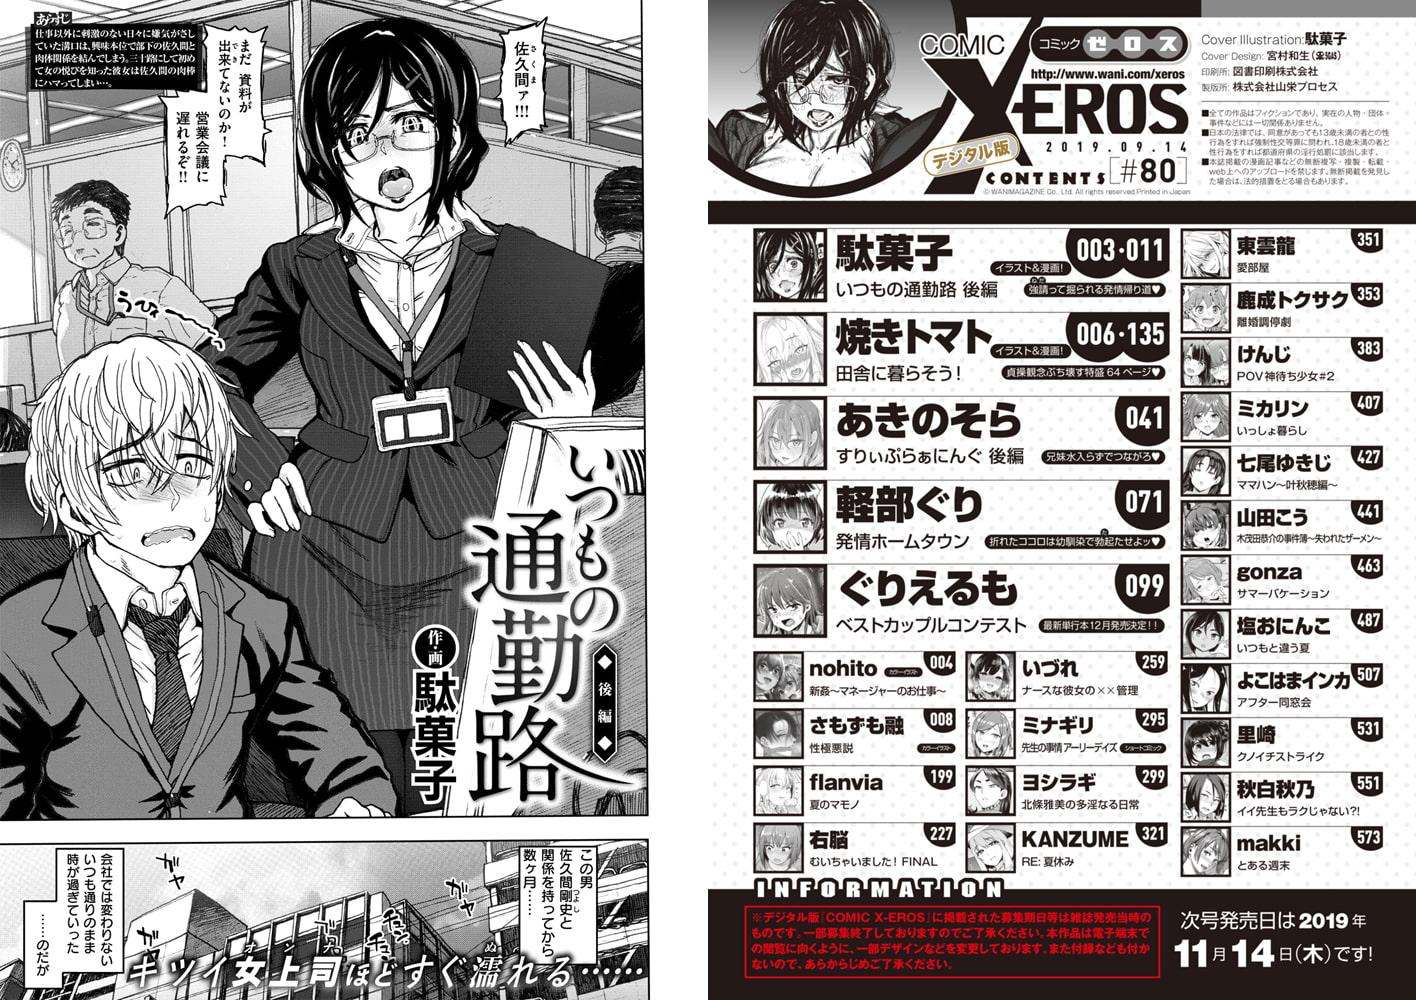 COMIC X-EROS #80